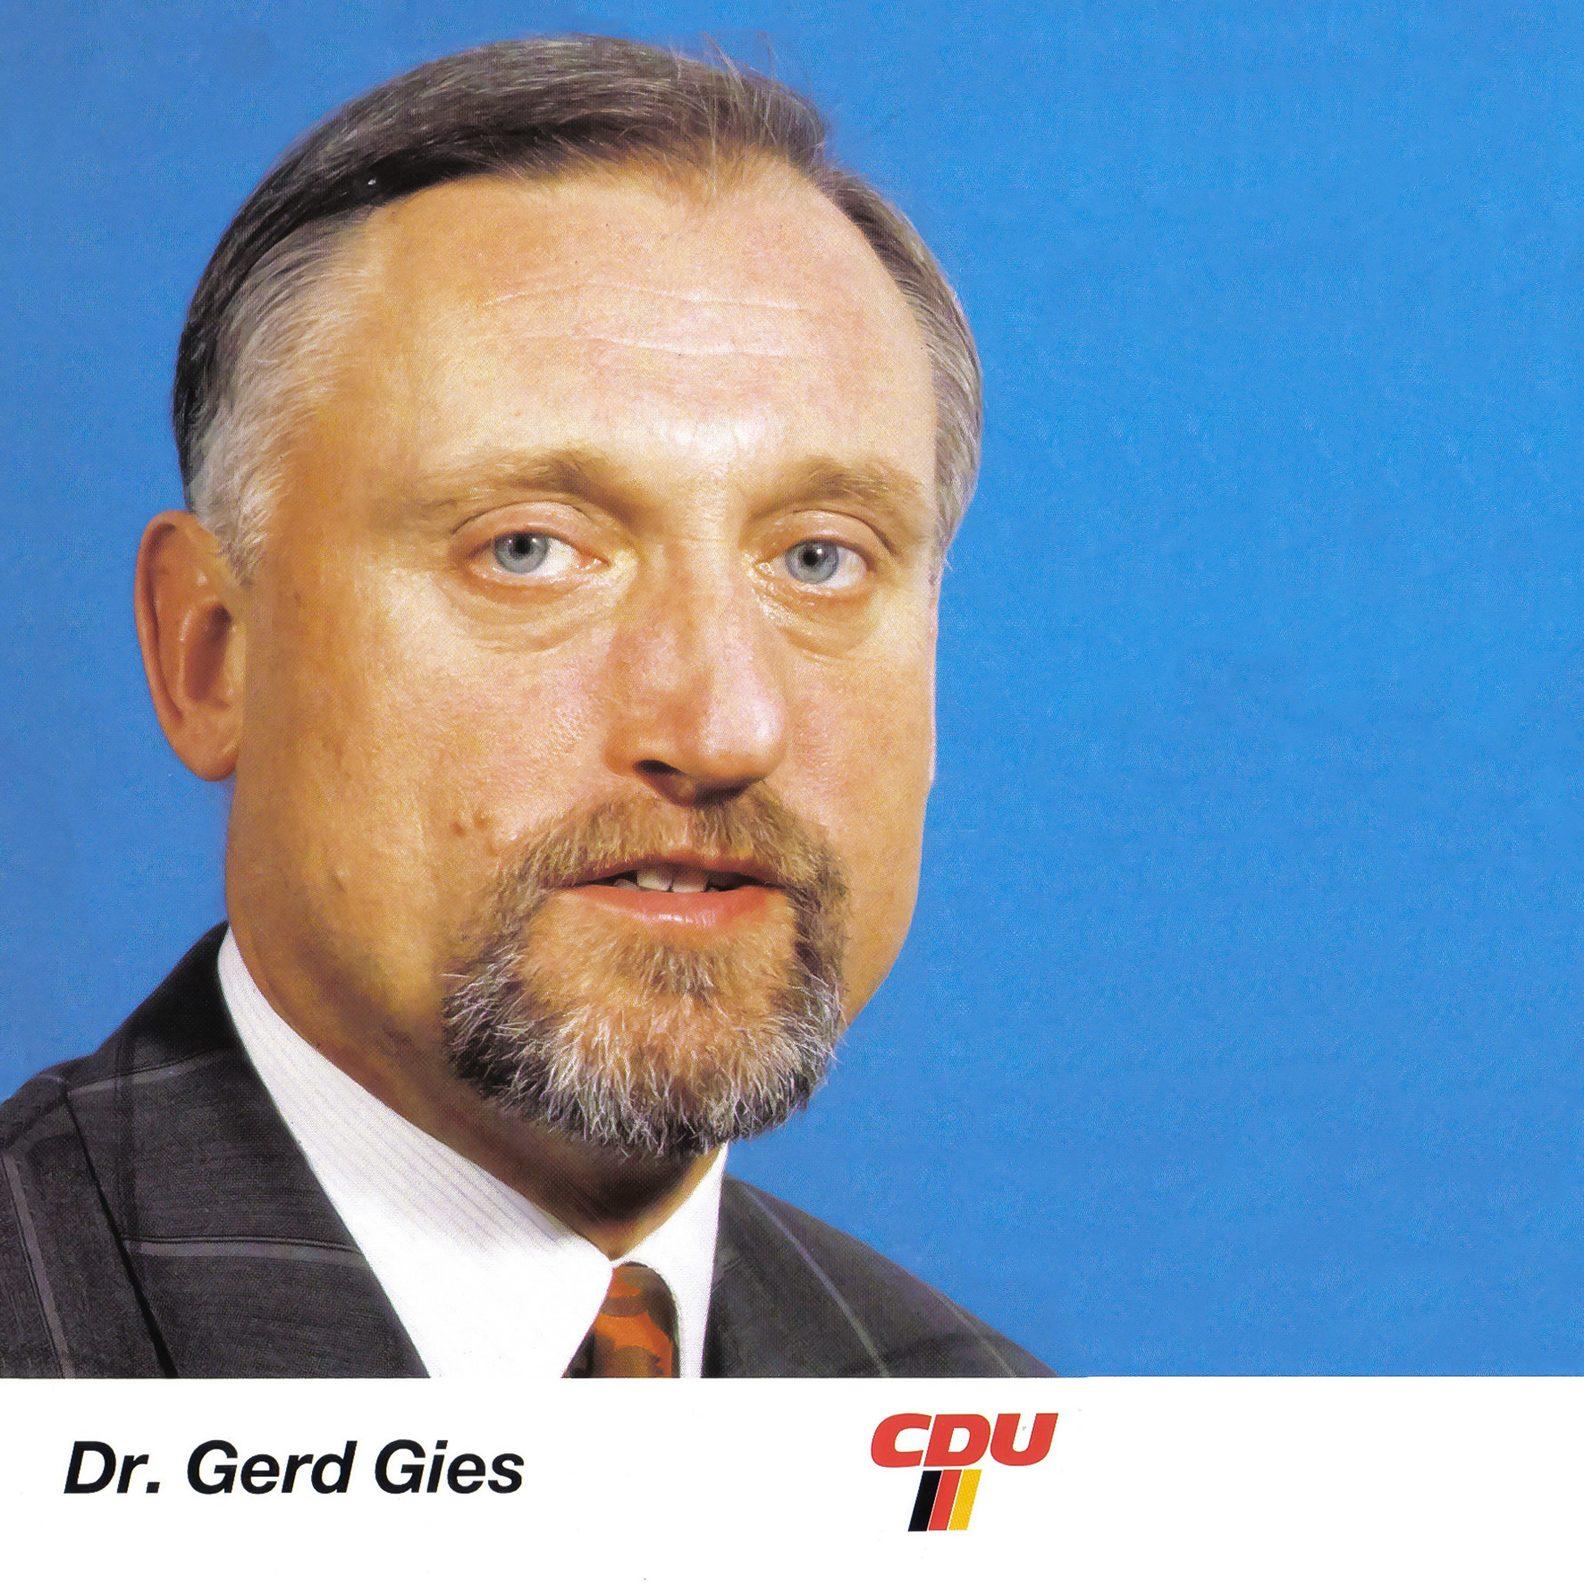 Gerd Gies